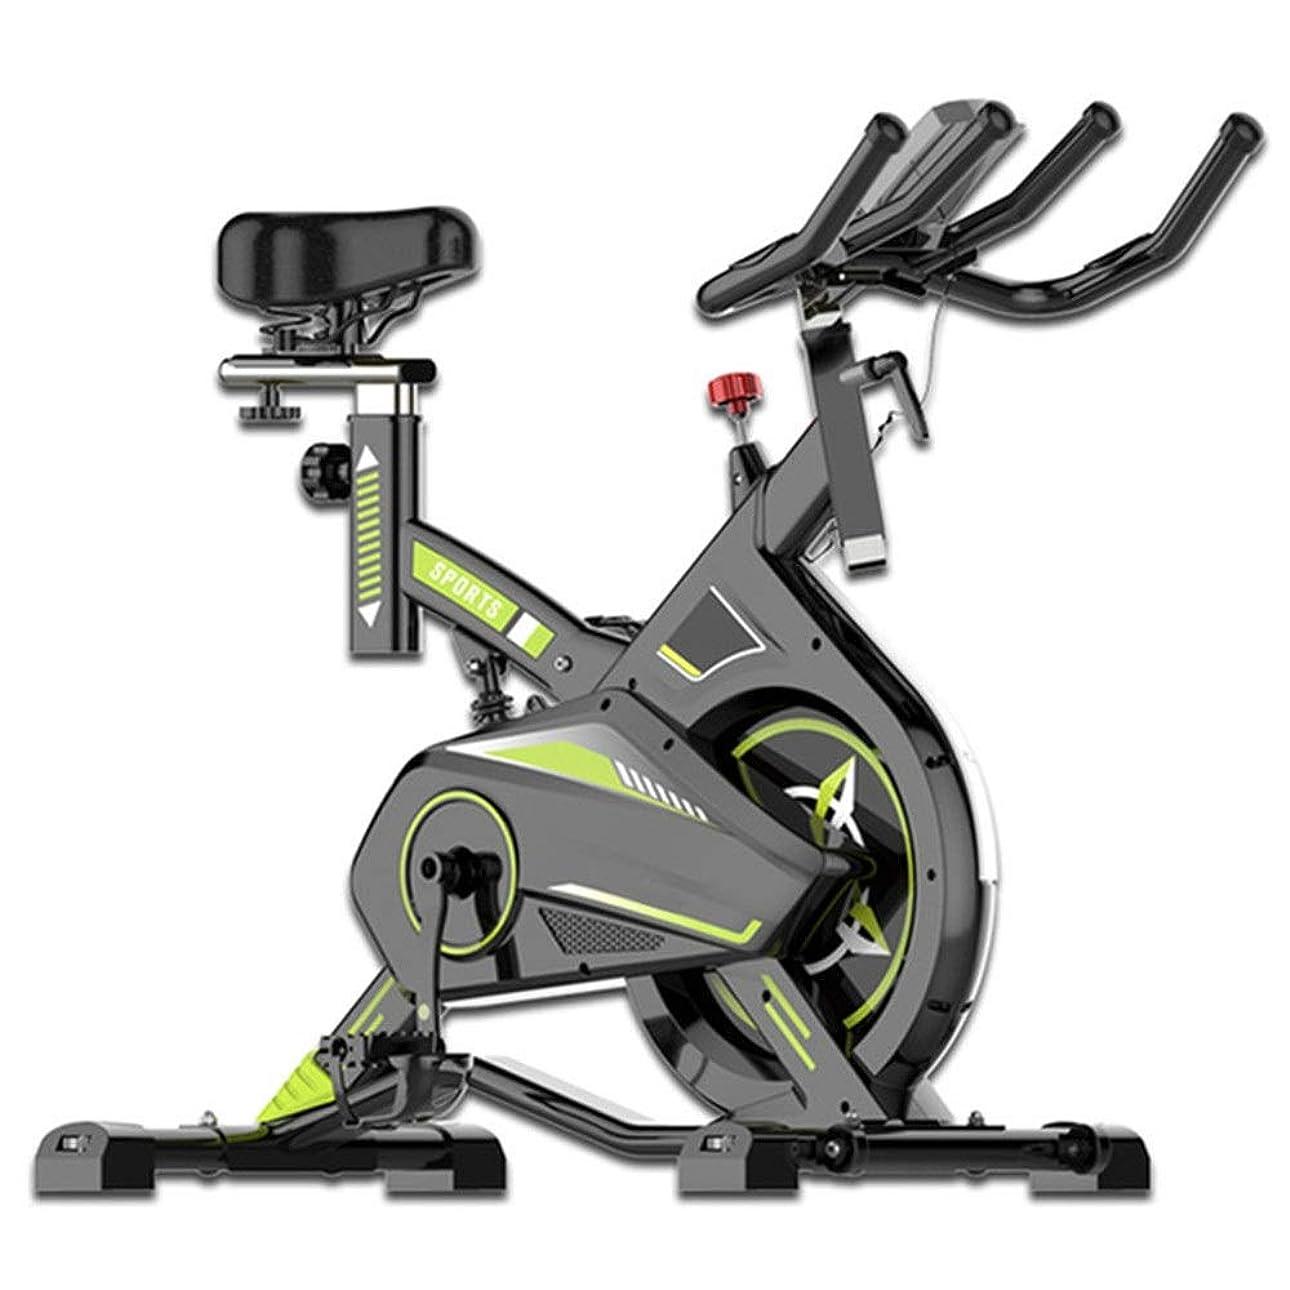 と組むジェット愛情室内自転車 フィットネスバイク フィットネスカーディオ減量ワークアウトマシンでミュートトレーニングコンピュータと楕円クロストレーナー エアロフィットネス バイク (色 : 緑, サイズ : Free Size)